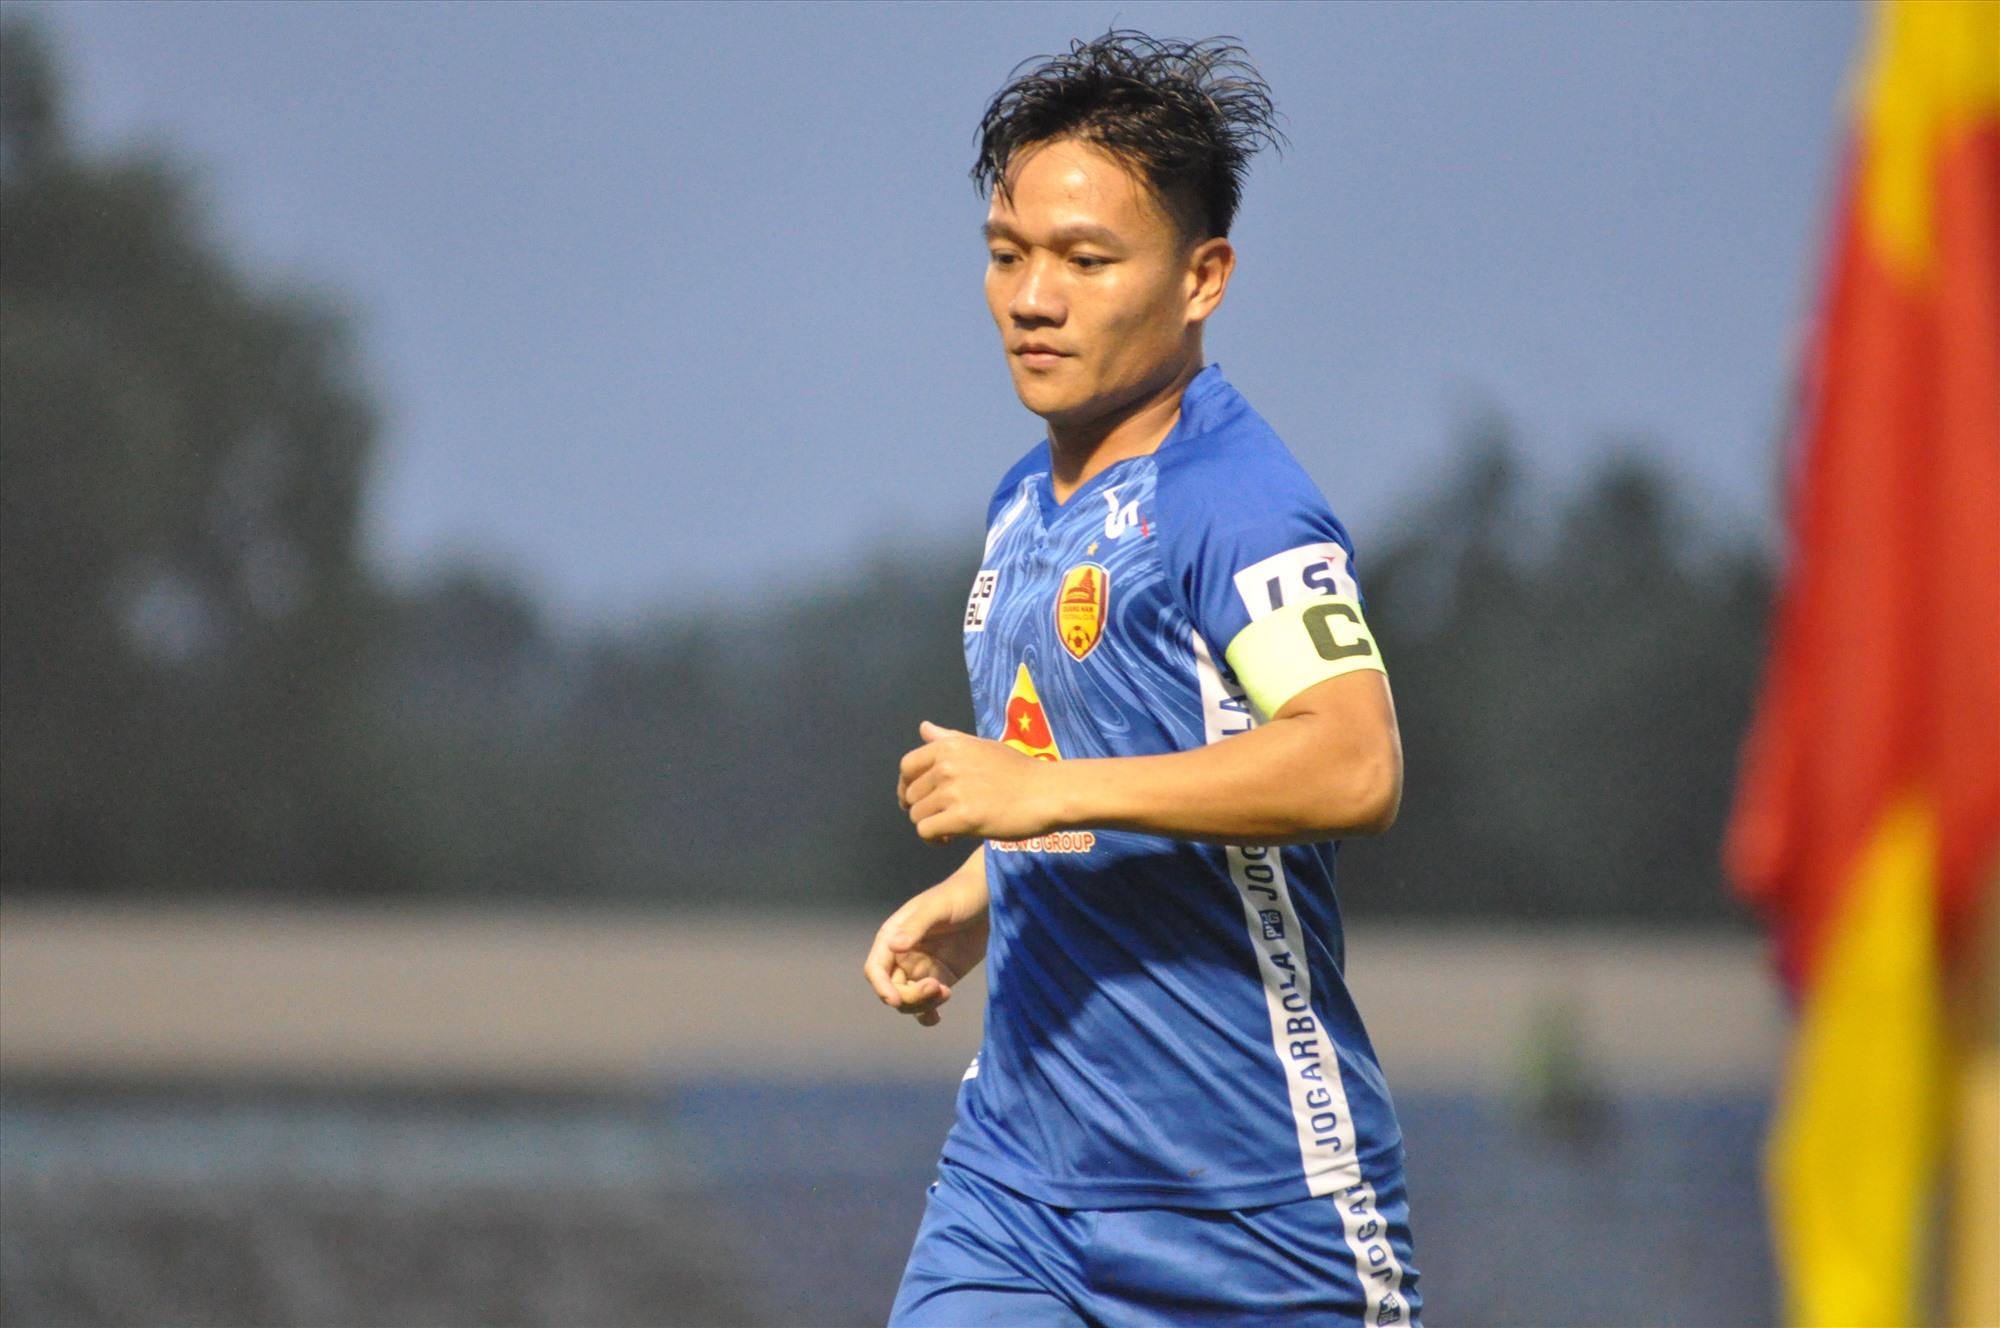 Thanh Trung vẫn là linh hồn của đội Quảng Nam. Ảnh: A.S